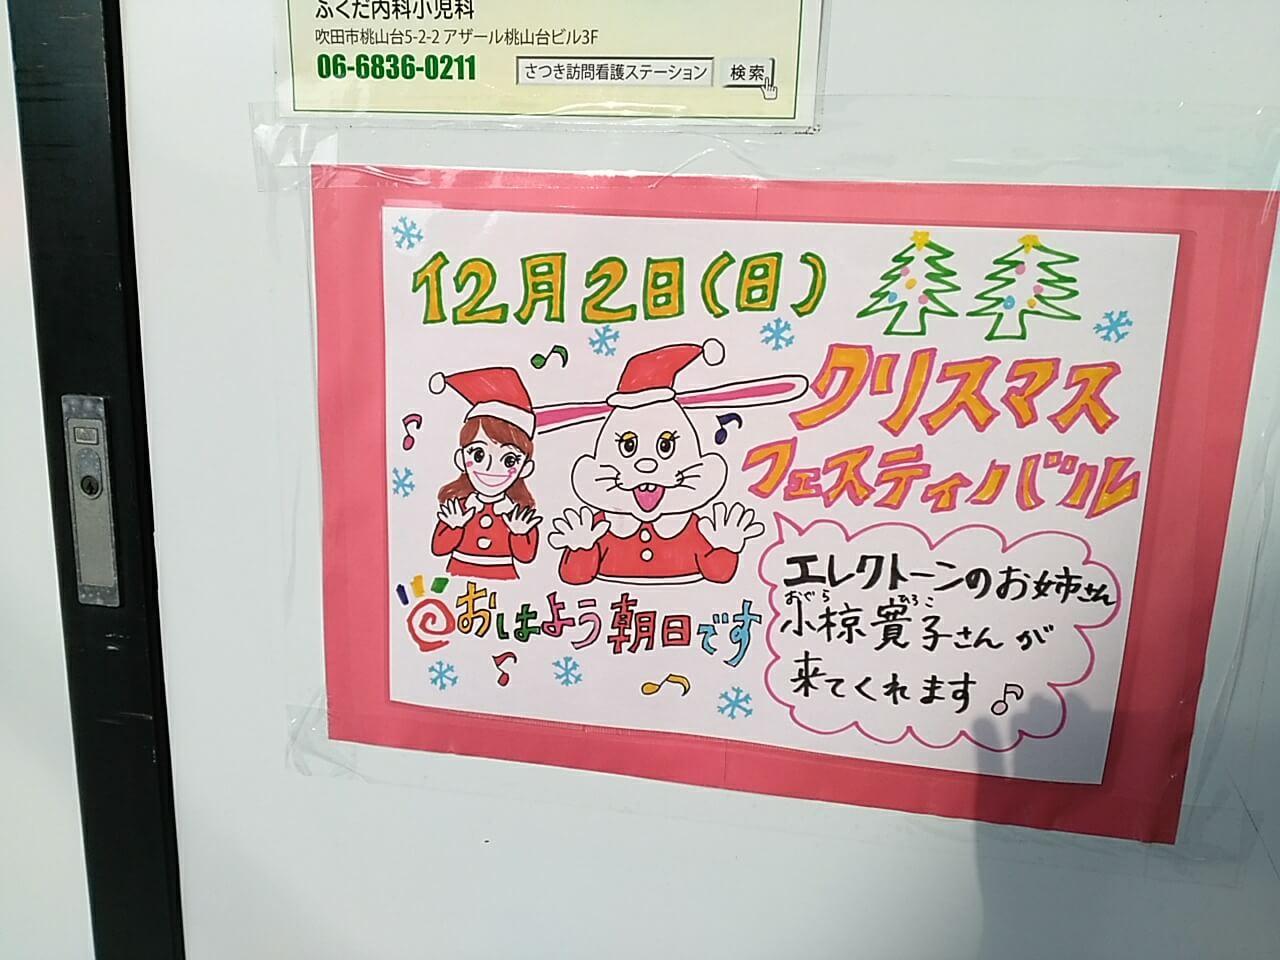 竹見台マーケット クリスマスフェスティバル